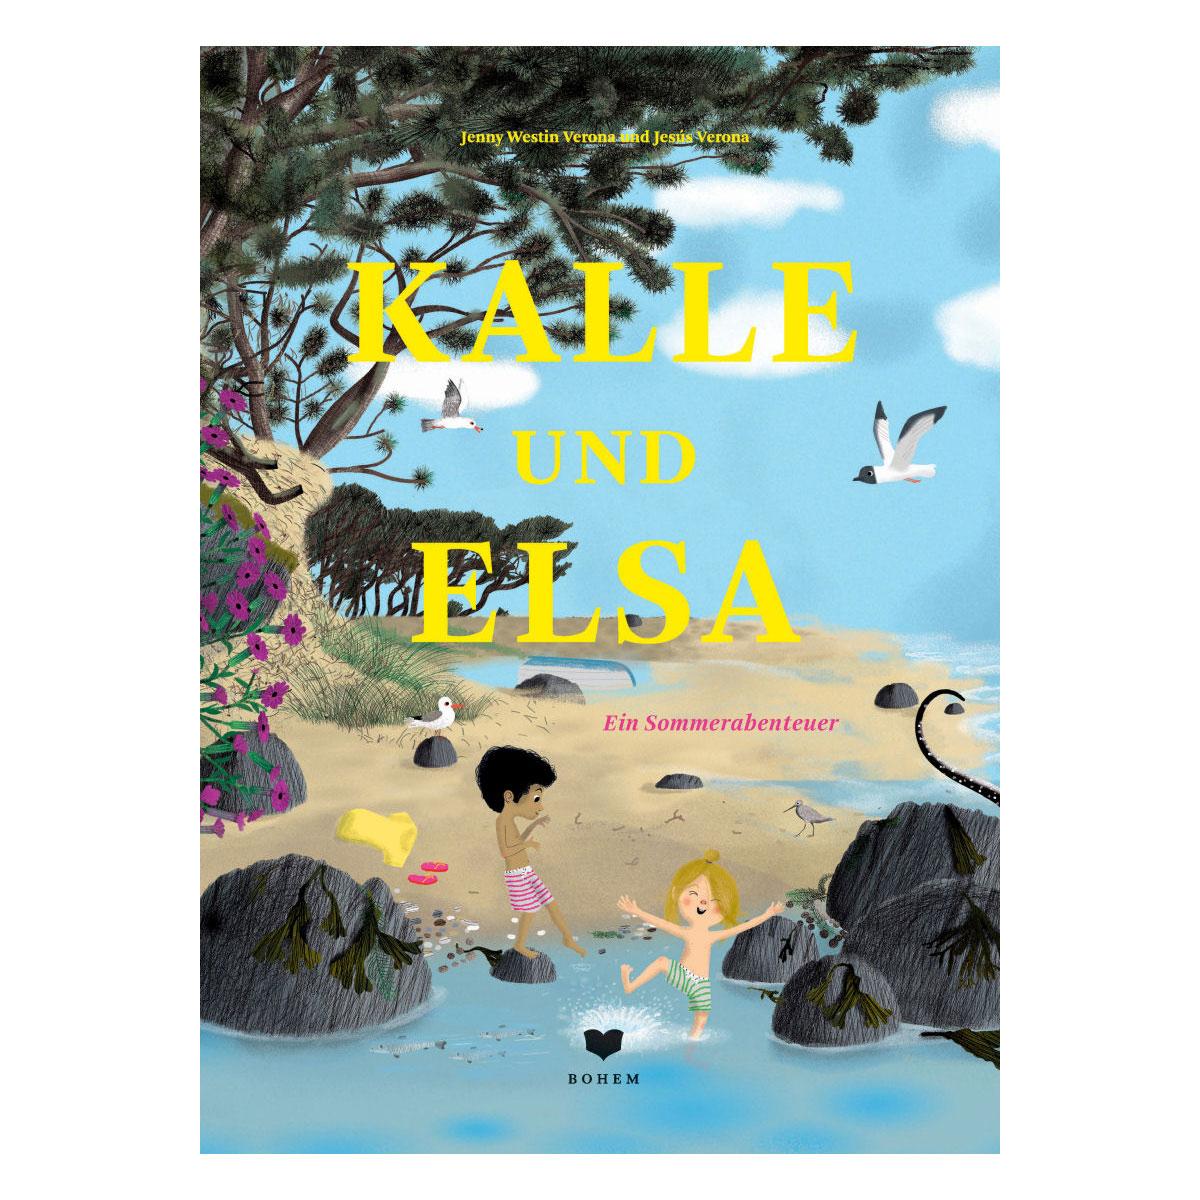 Kalle und Elsa - Ein Sommerabenteuer ab 3J.